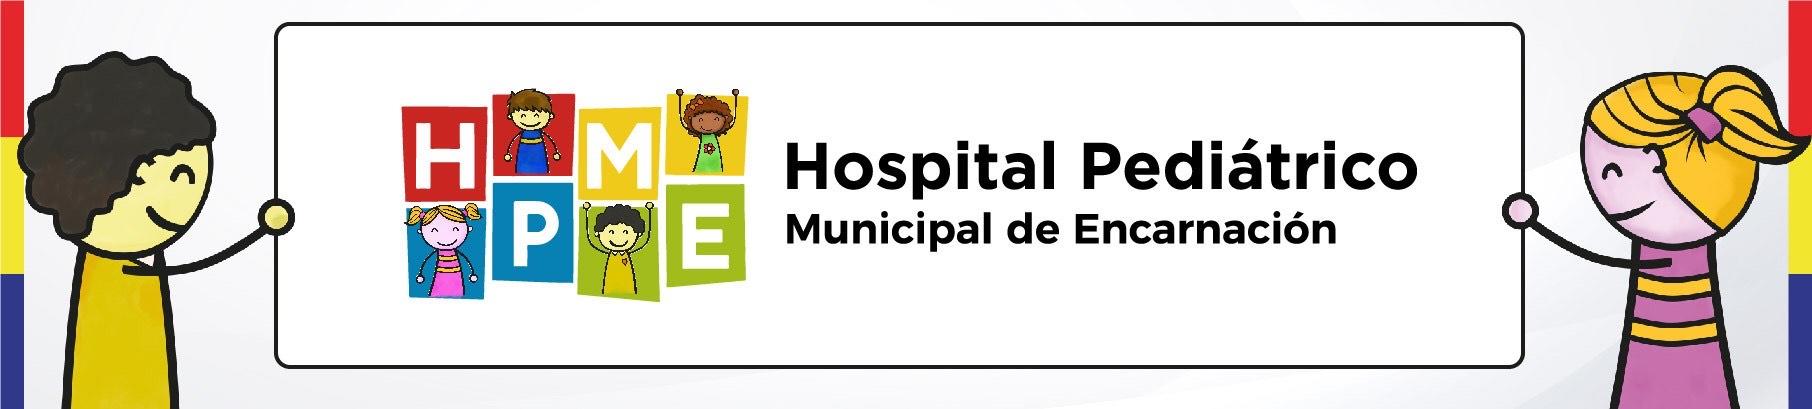 Hospital Pediatrico